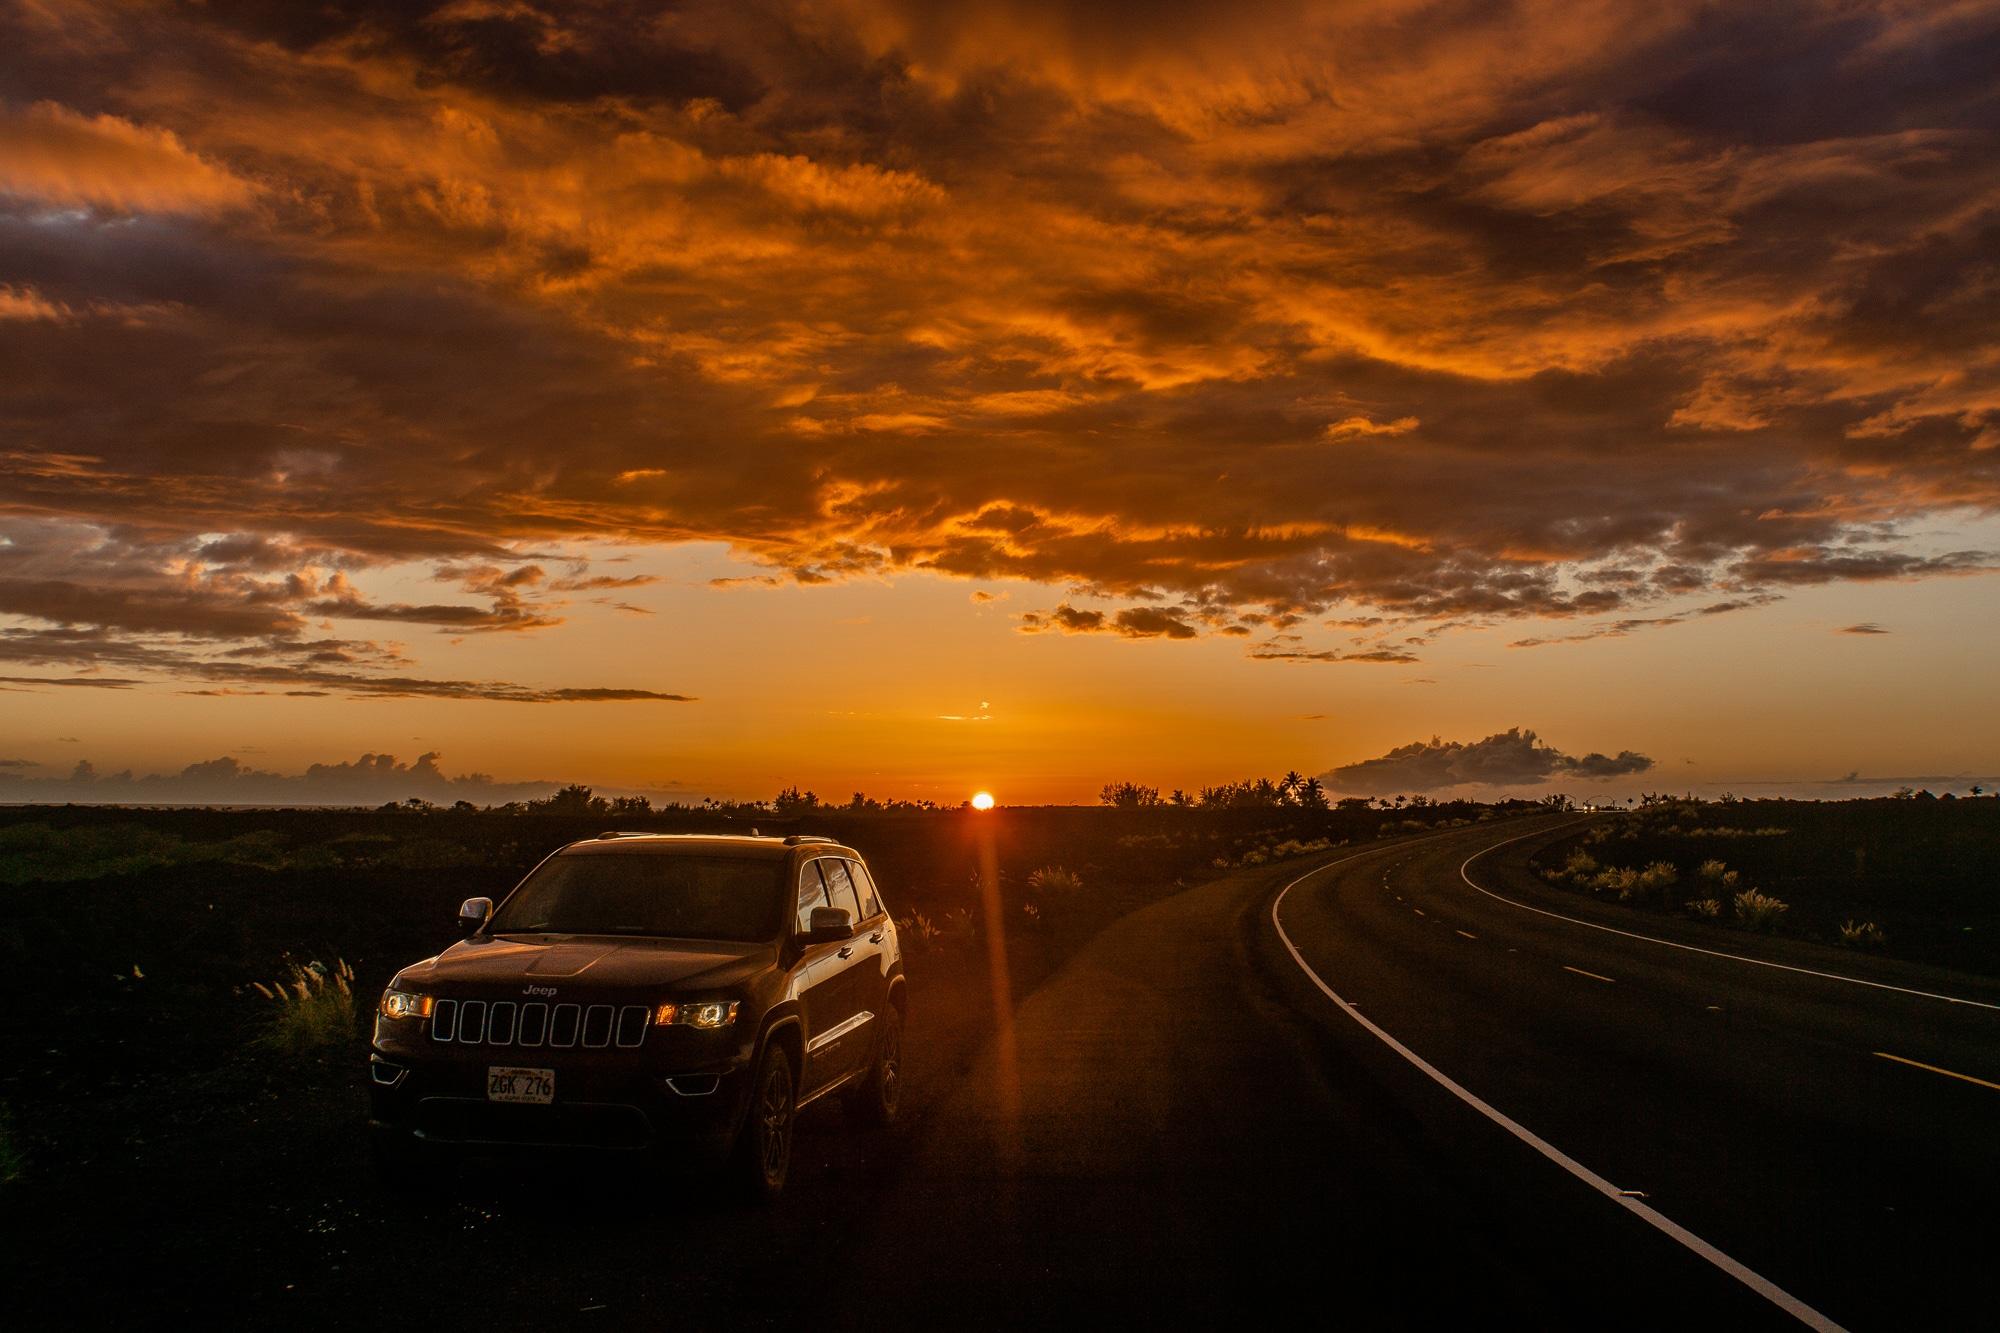 Top 10 Big Island Sehenswürdigkeiten: Tipps für einen Roadtrip auf Hawaii - Mietwagen im Sonnenuntergang